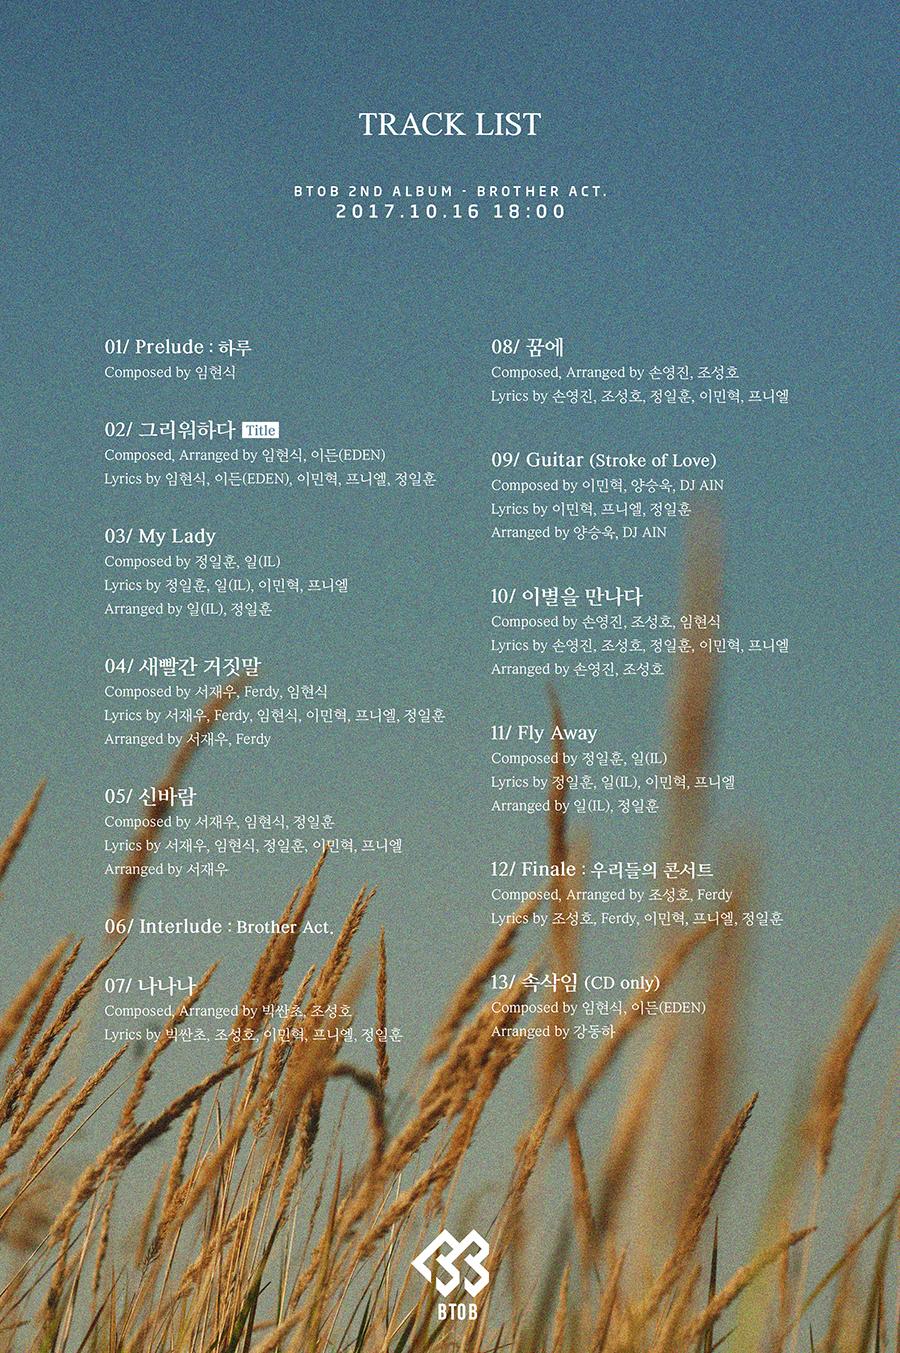 비투비, 'Brother Act.' 트랙리스트 공개 (ft. 임현식 자작곡)